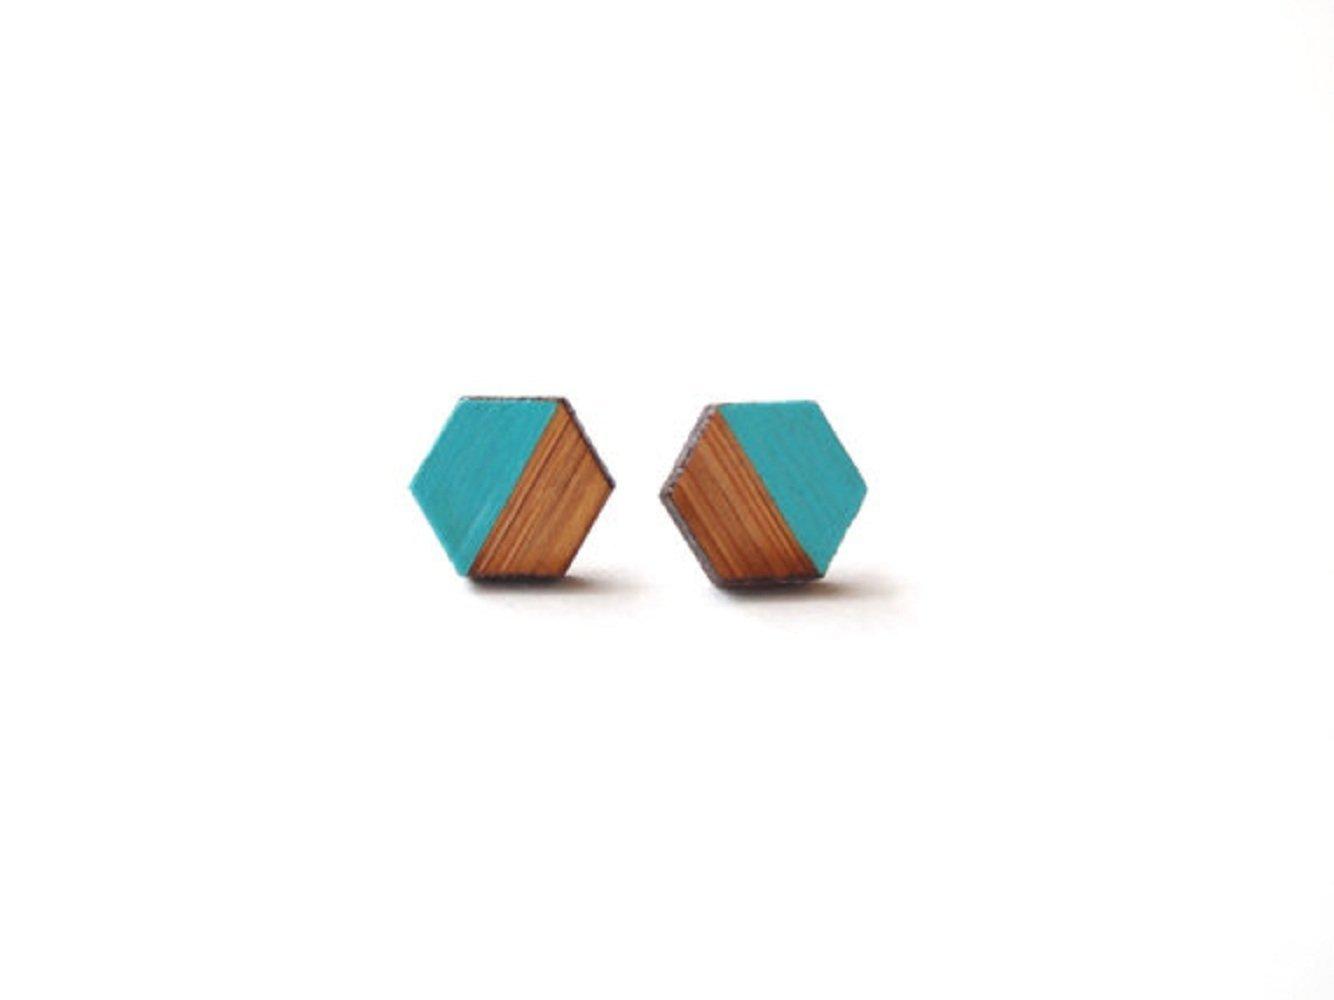 Teal Hexagon Earring - Geometric Wooden Earrings - Teal Earring Studs - Modern Earrings - Minimalist